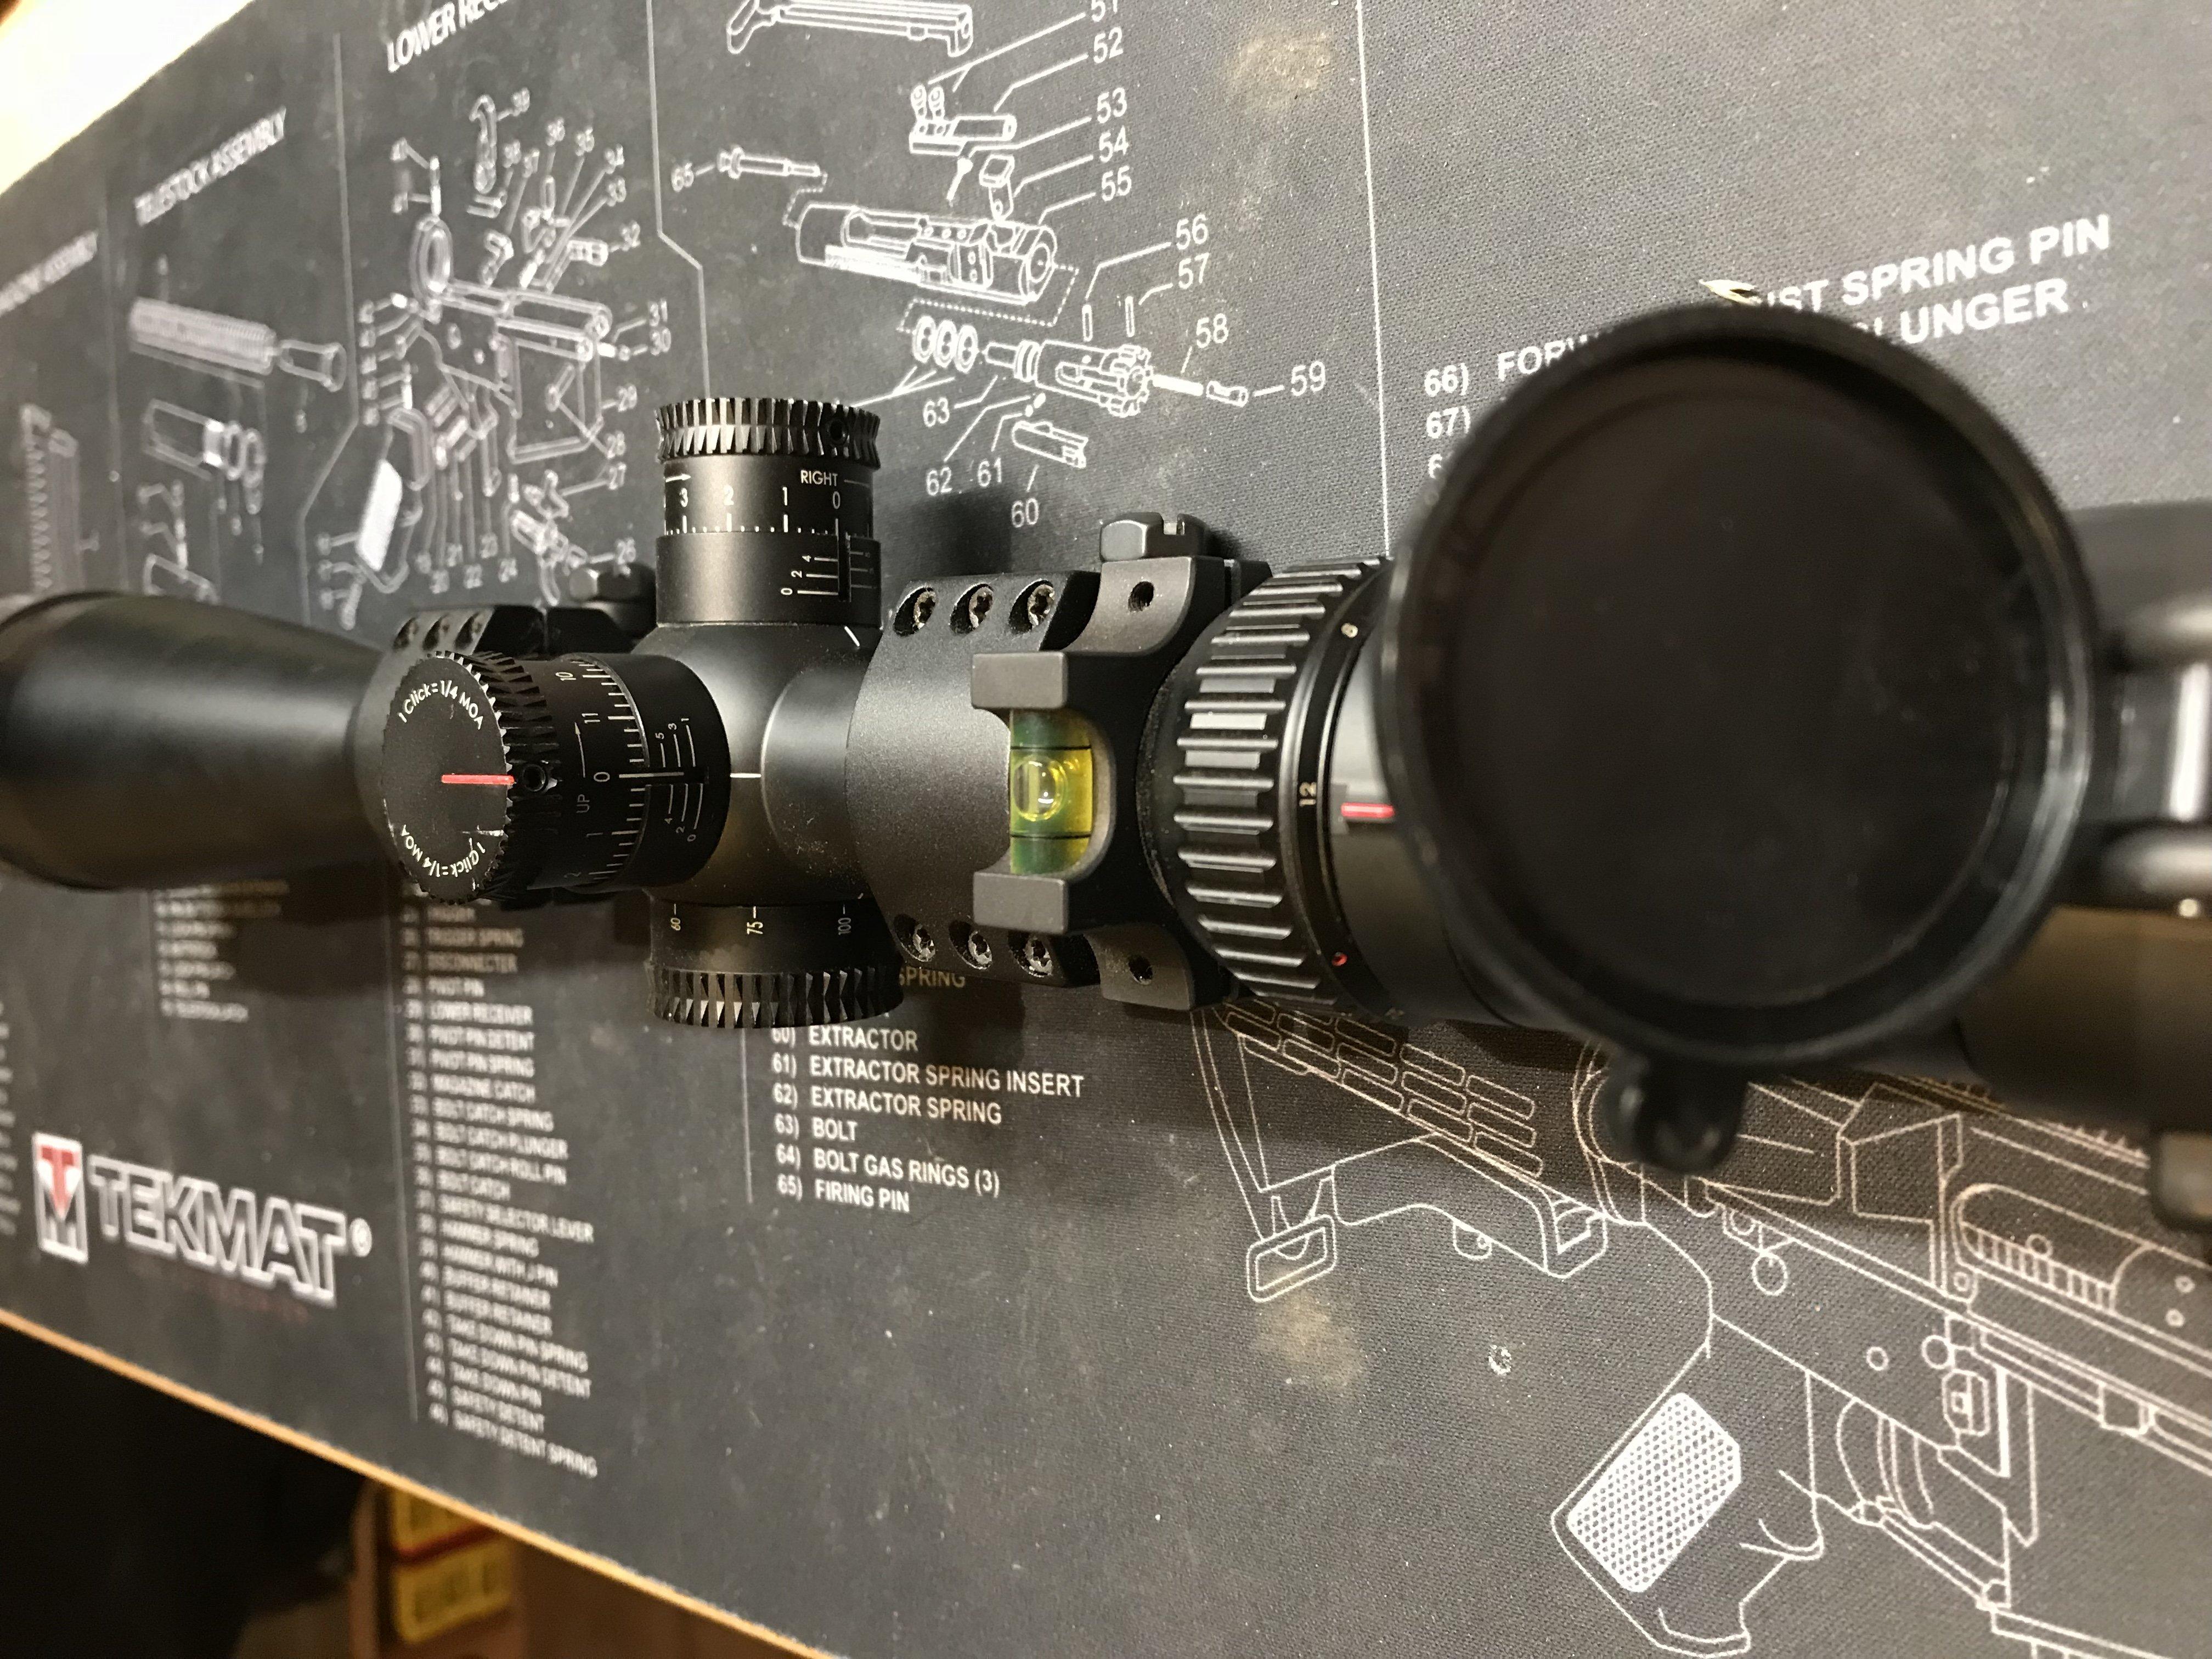 Leupold VX-R and Vortex Viper Review - The Optics Talk